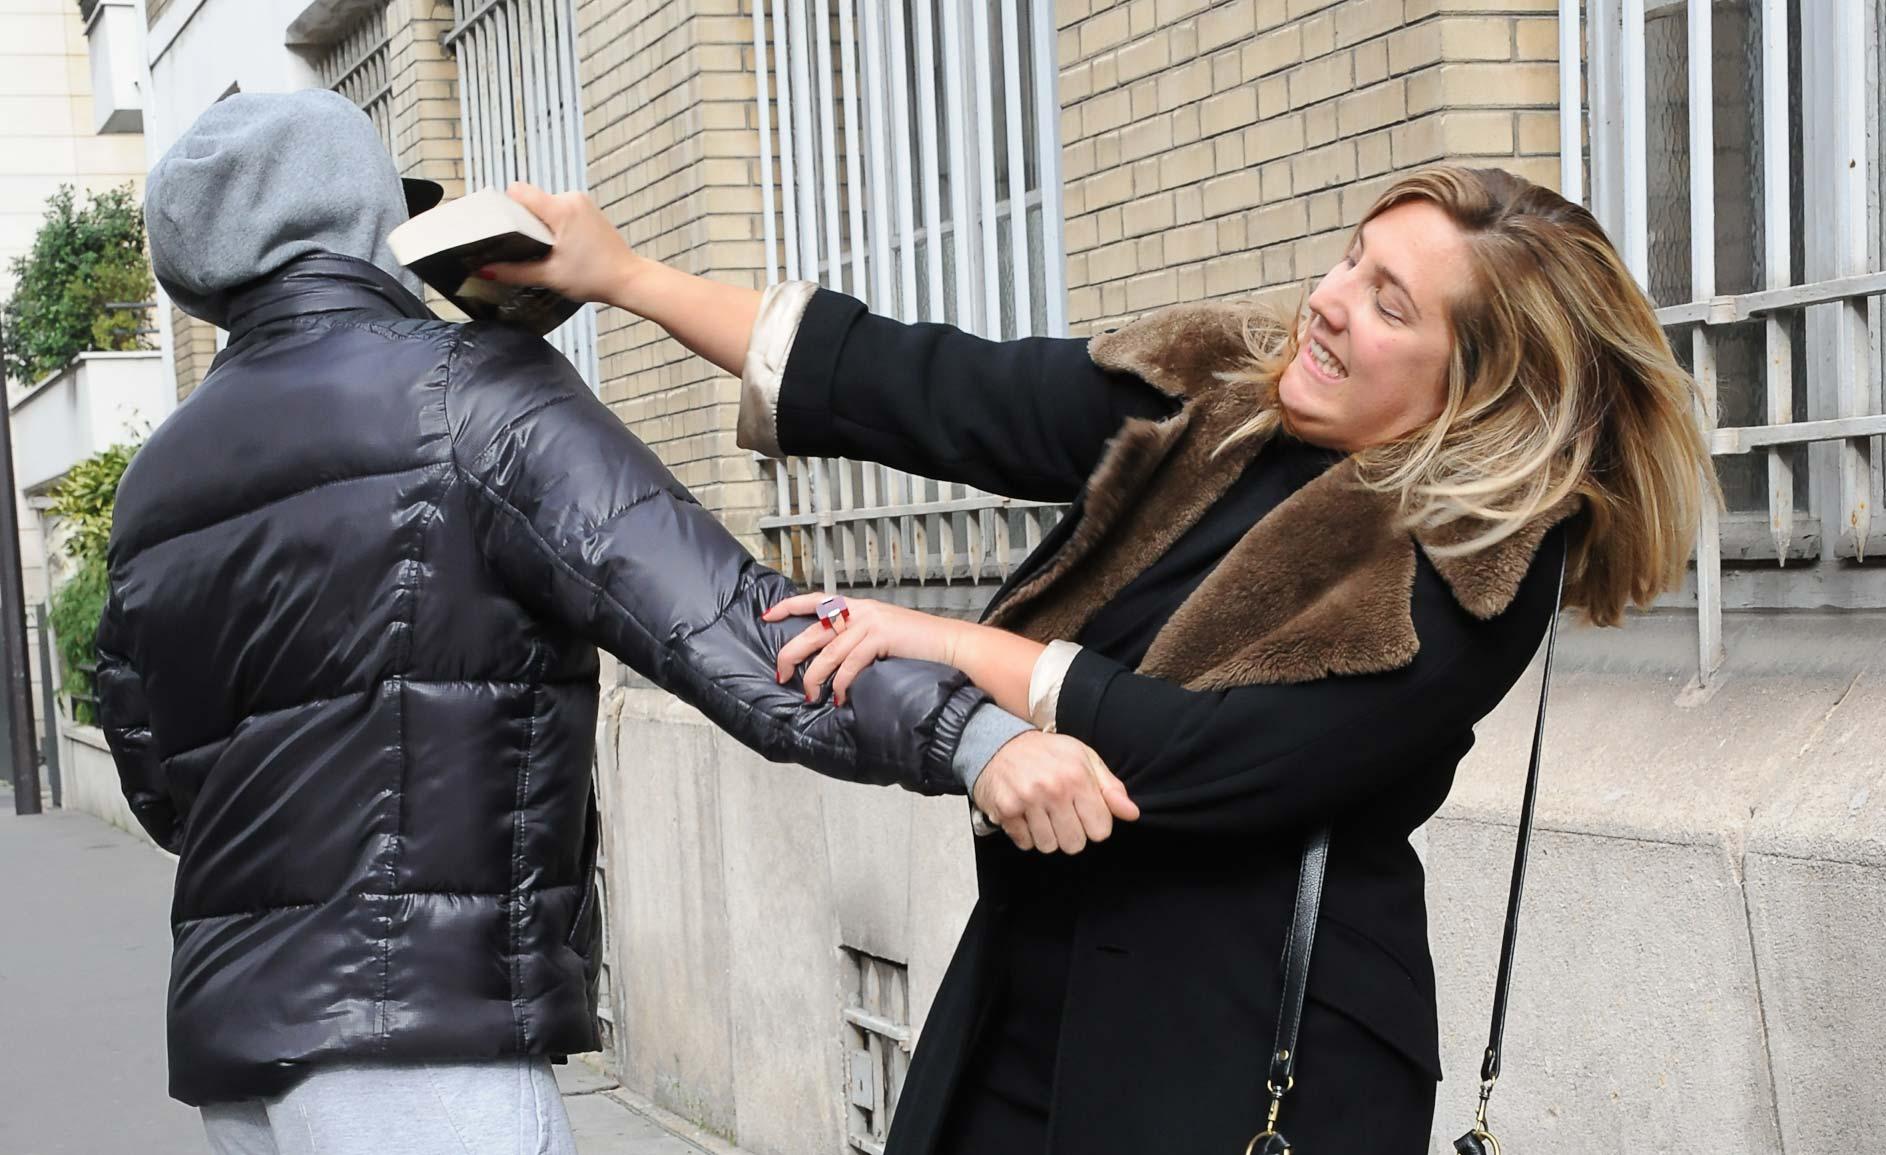 Amazon Training - Self-defense pour les femmes - Paris - ADAC France